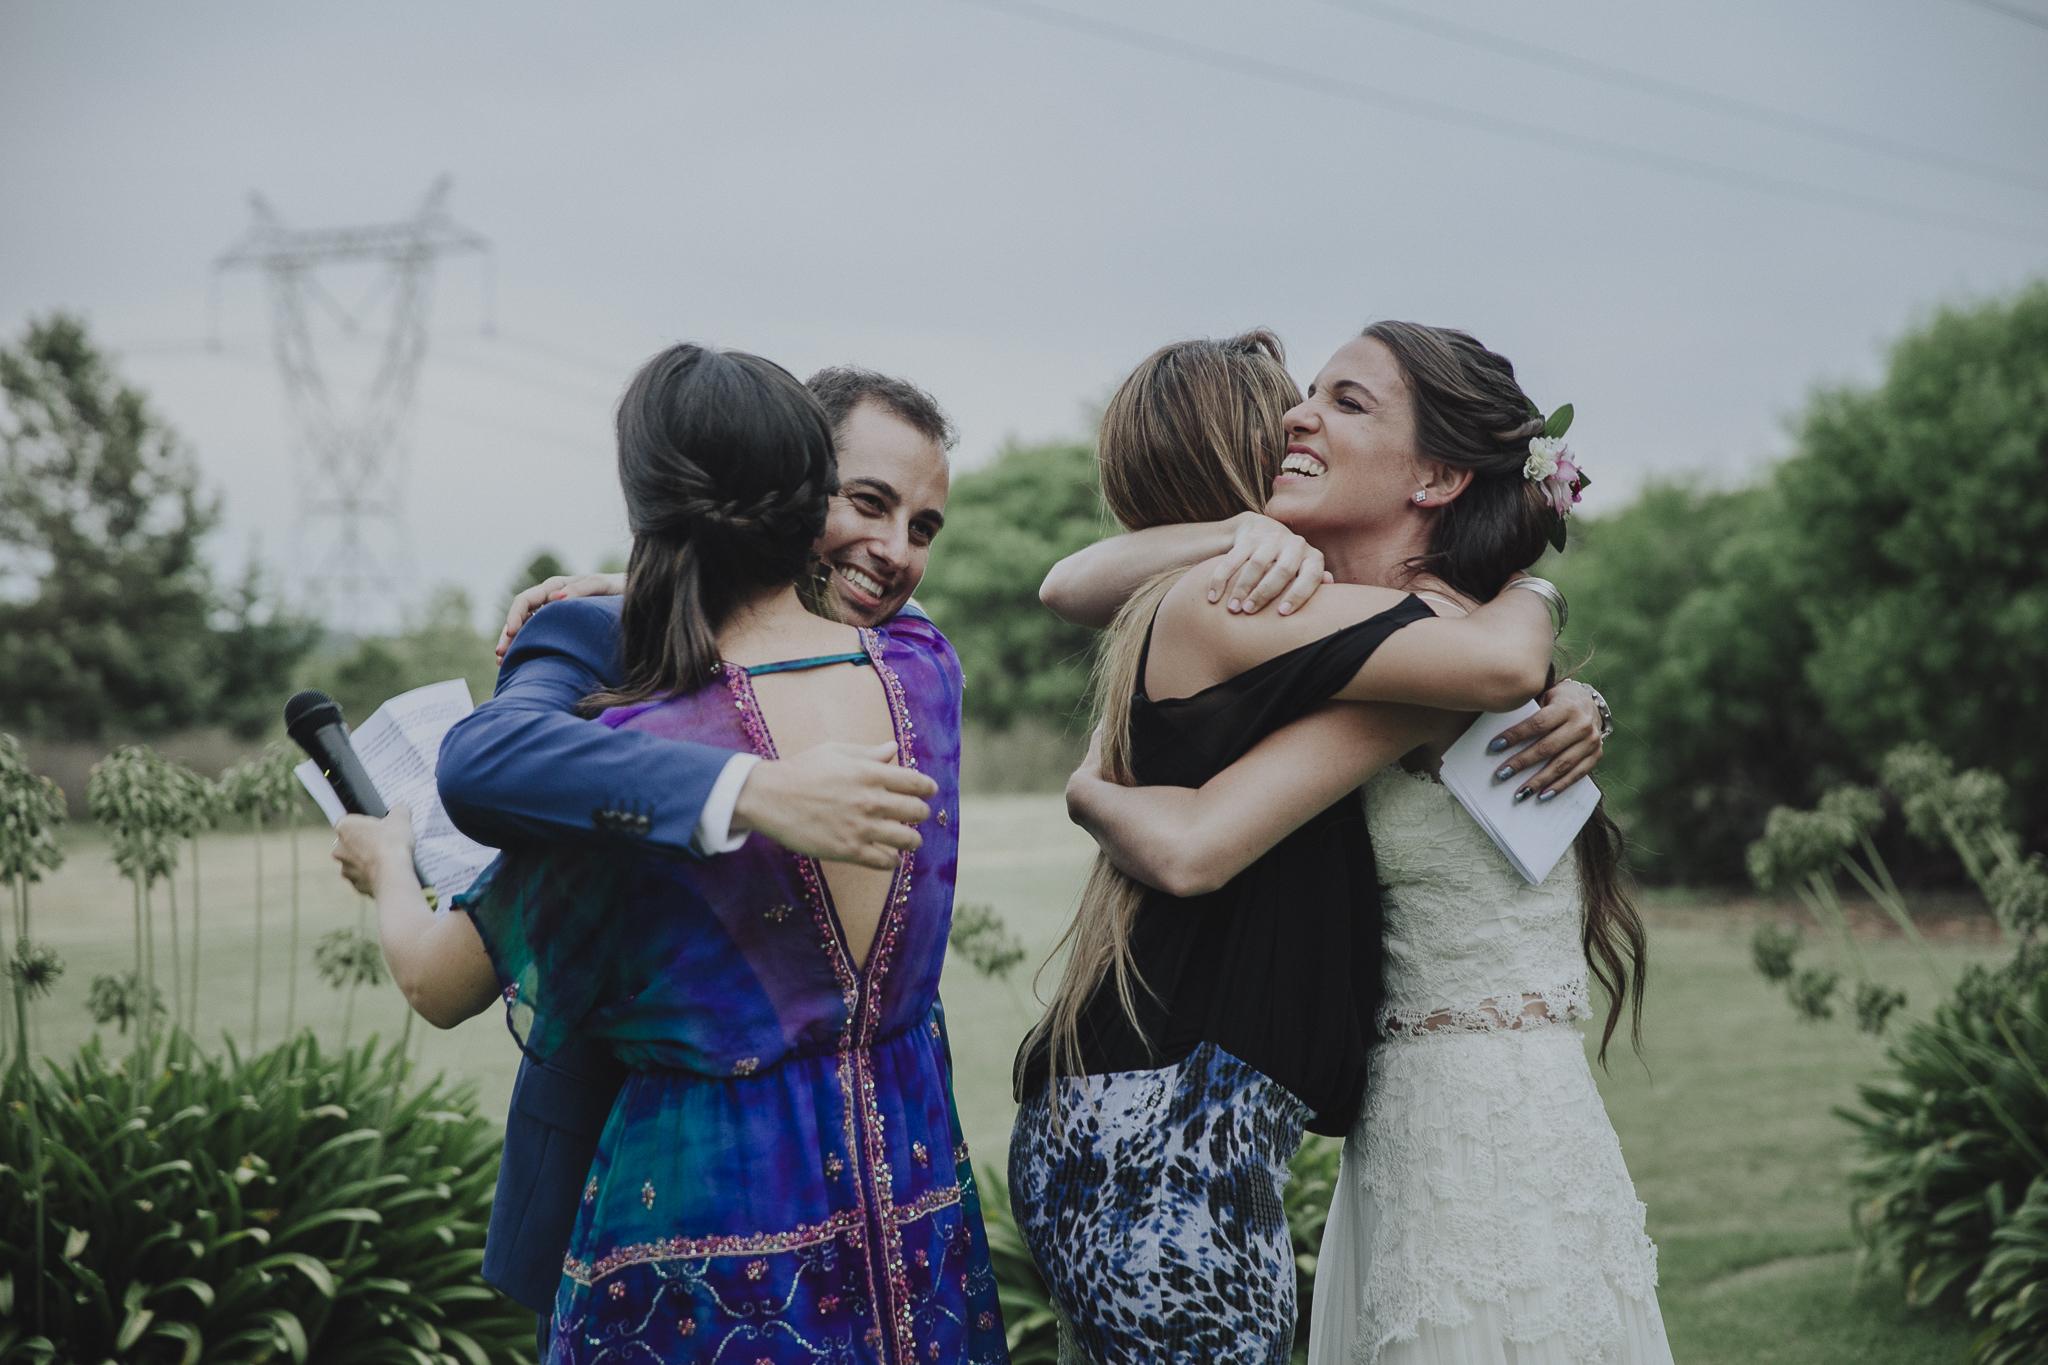 una boda diferente - bodas unicas - fotografia de bodas uruguay - nye4